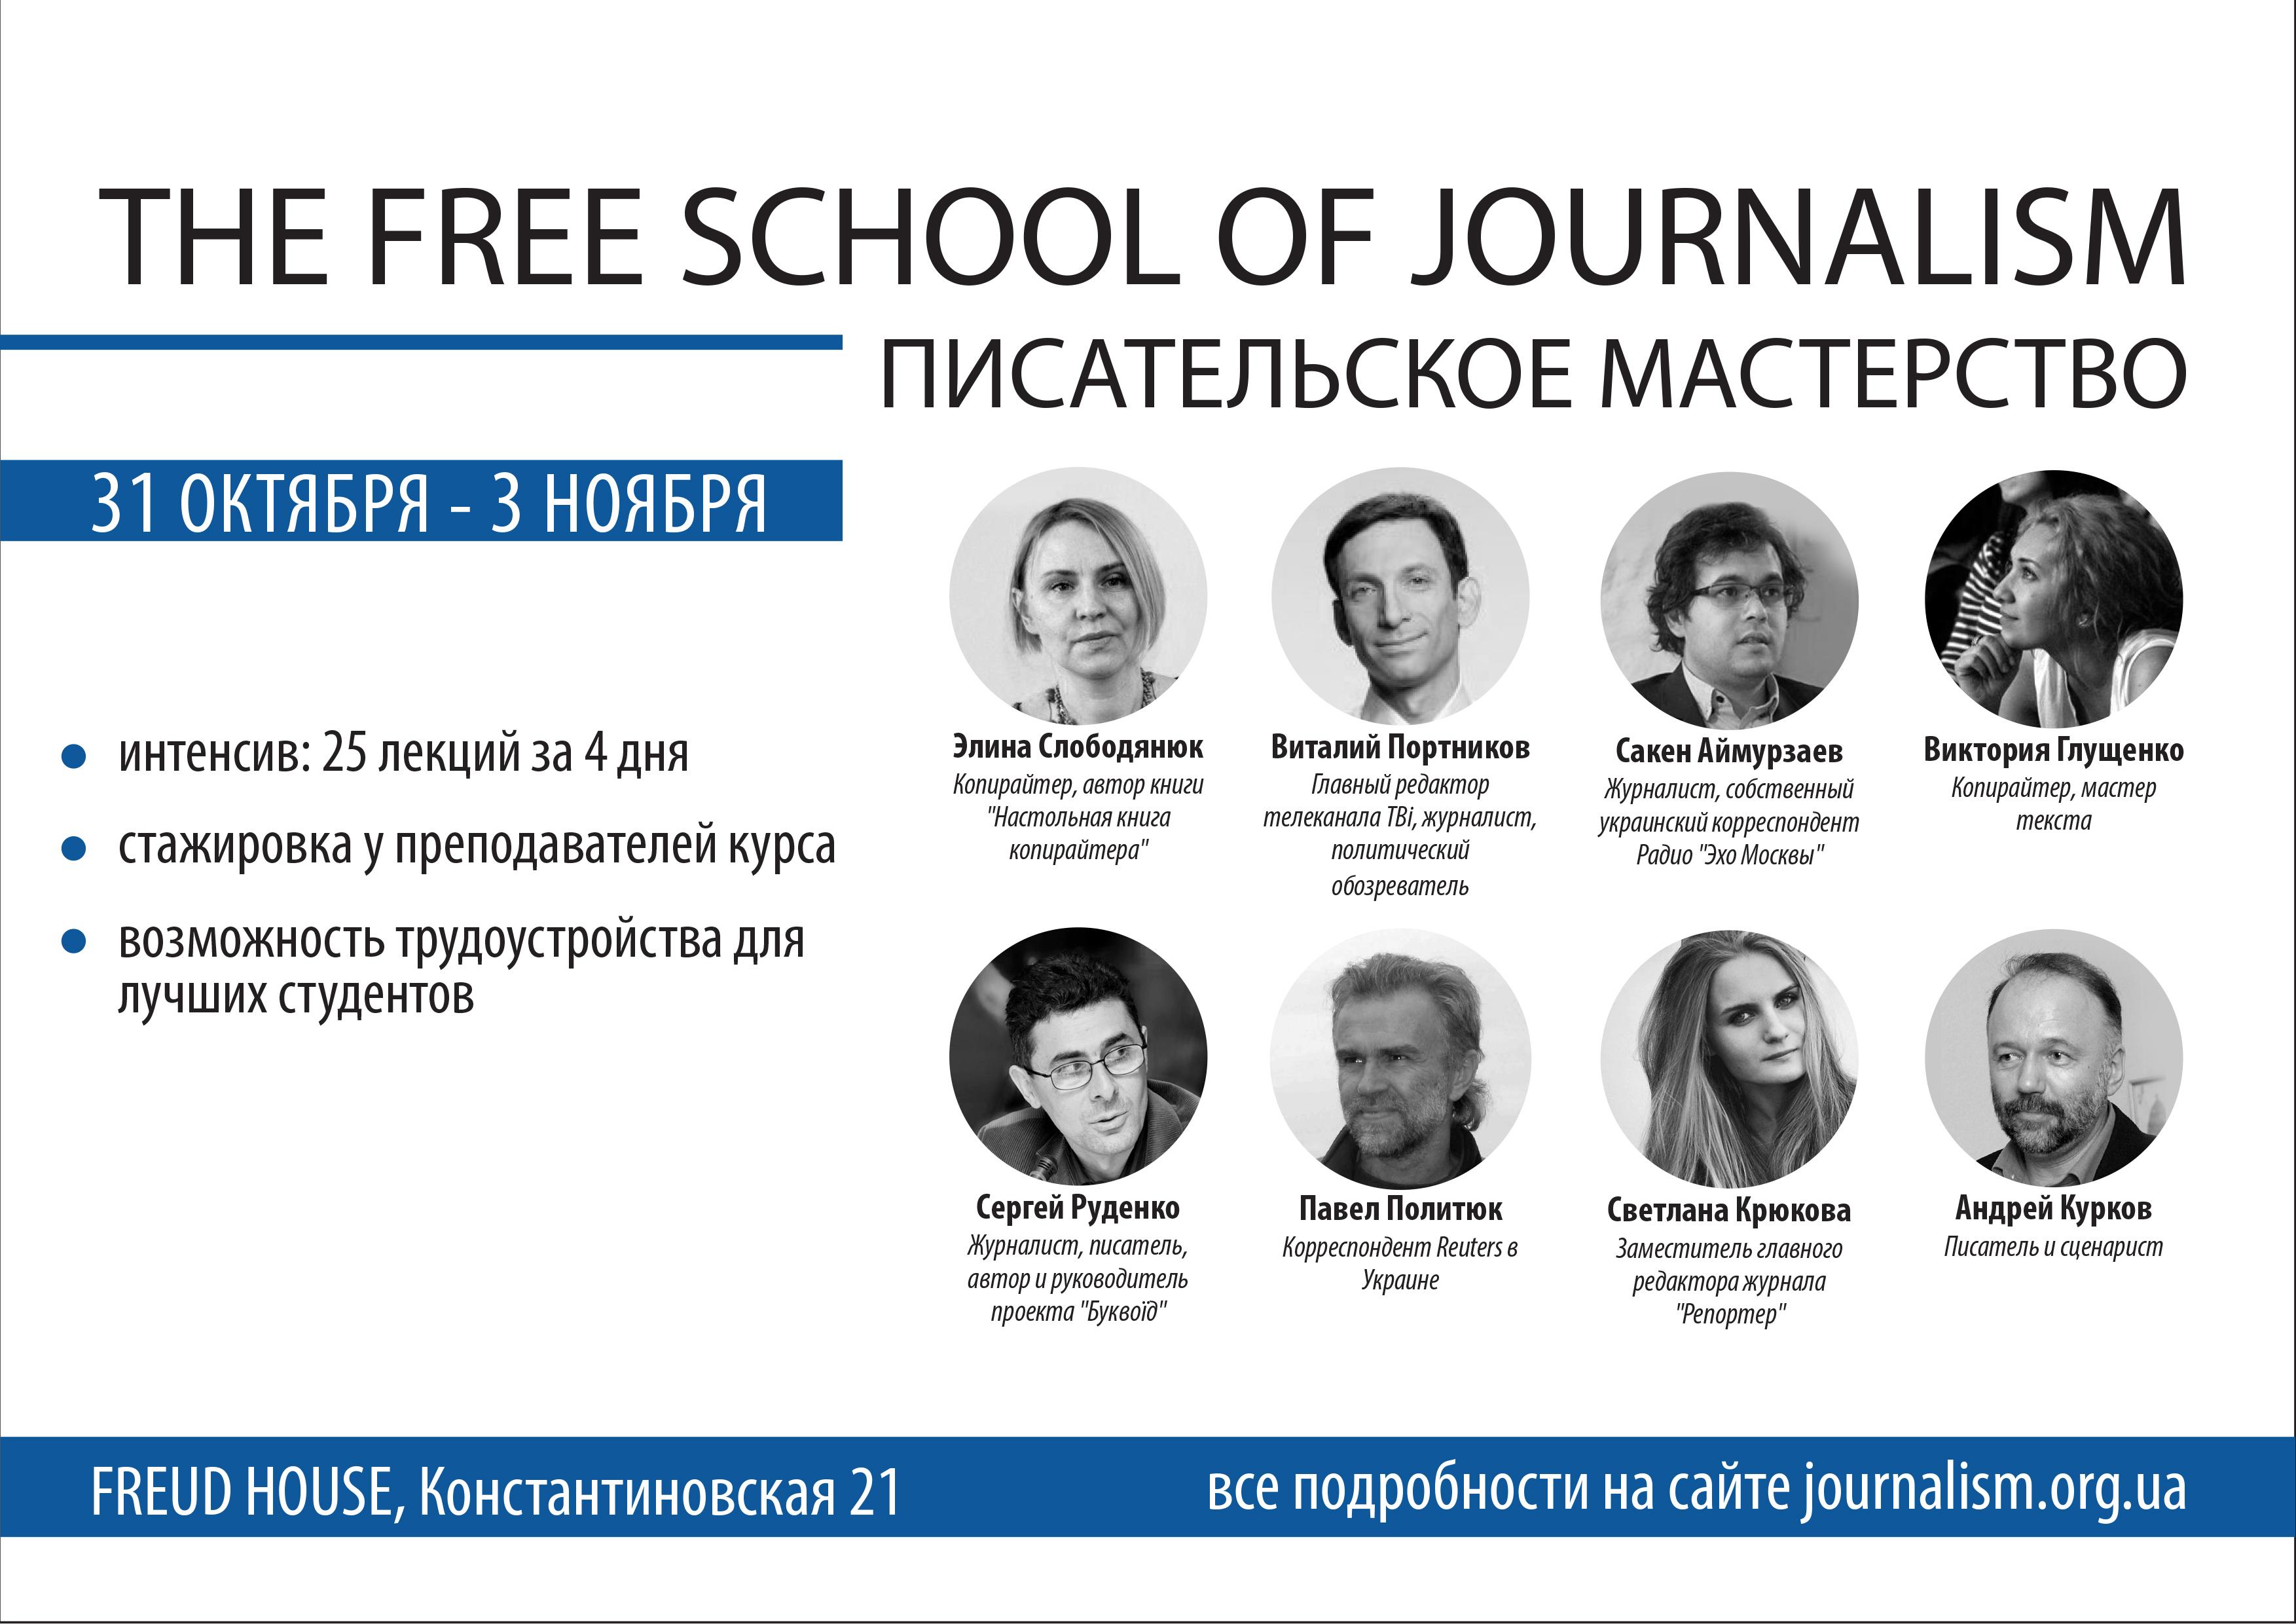 Курс медиа менеджмента и startup-проектирования медиа проектов. Стажировка в Москве и Европе